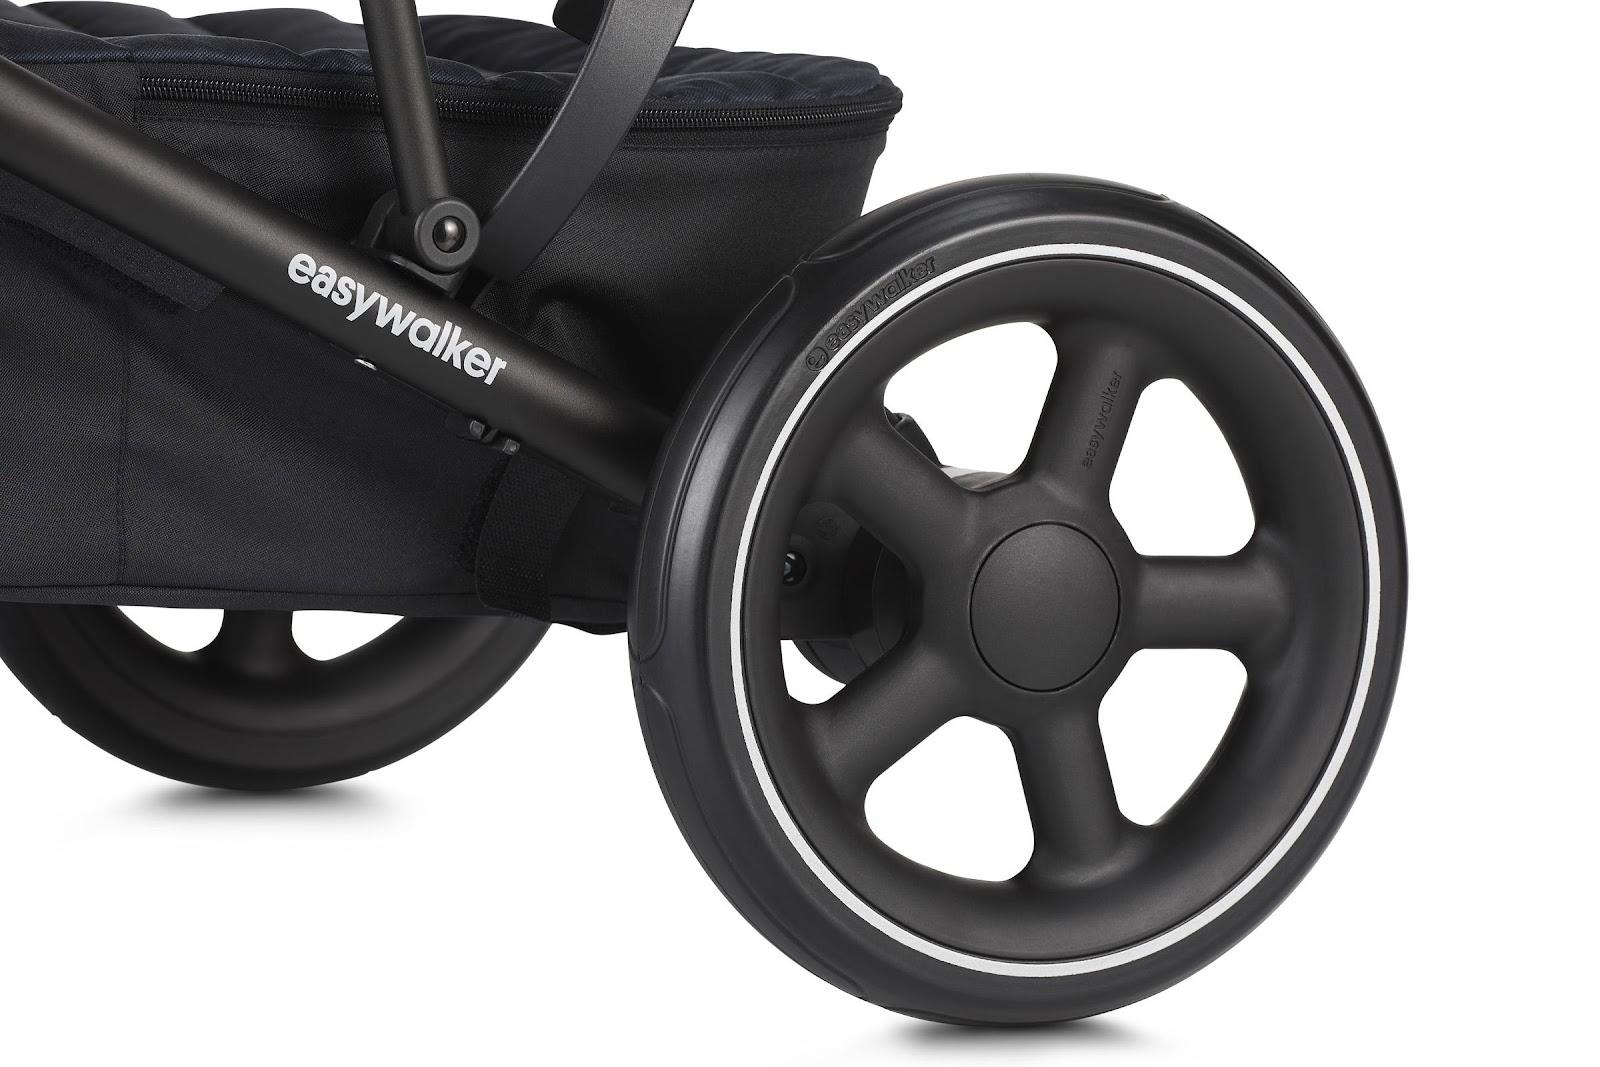 Изображение выглядит как черный, сидит, передний, велосипедАвтоматически созданное описание